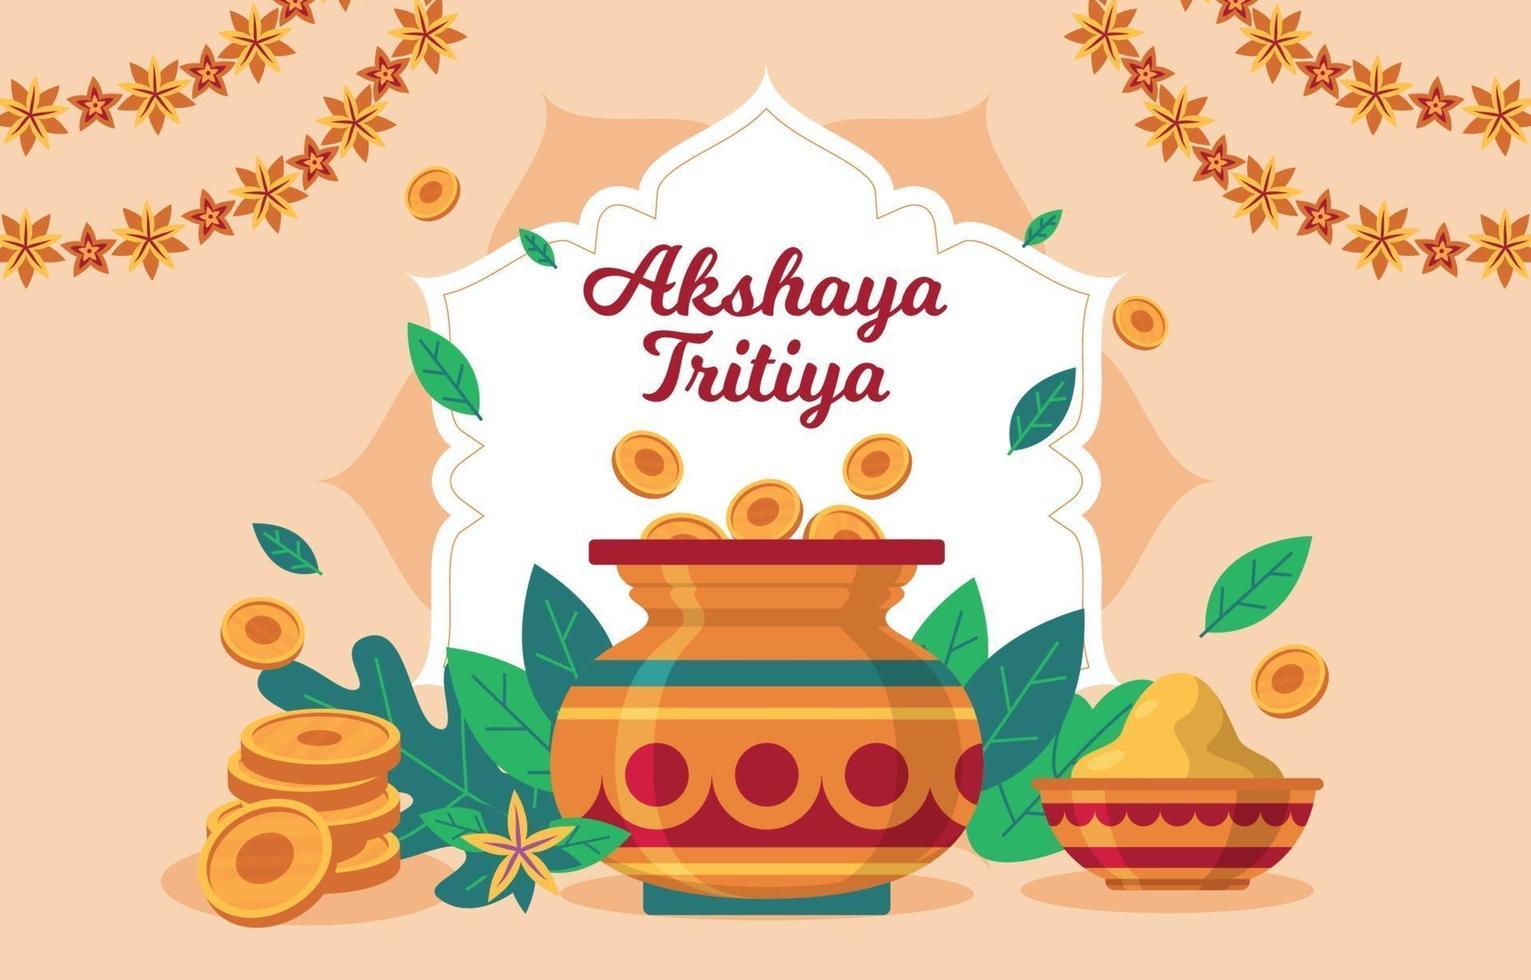 fond heureux akshaya tritiya vecteur